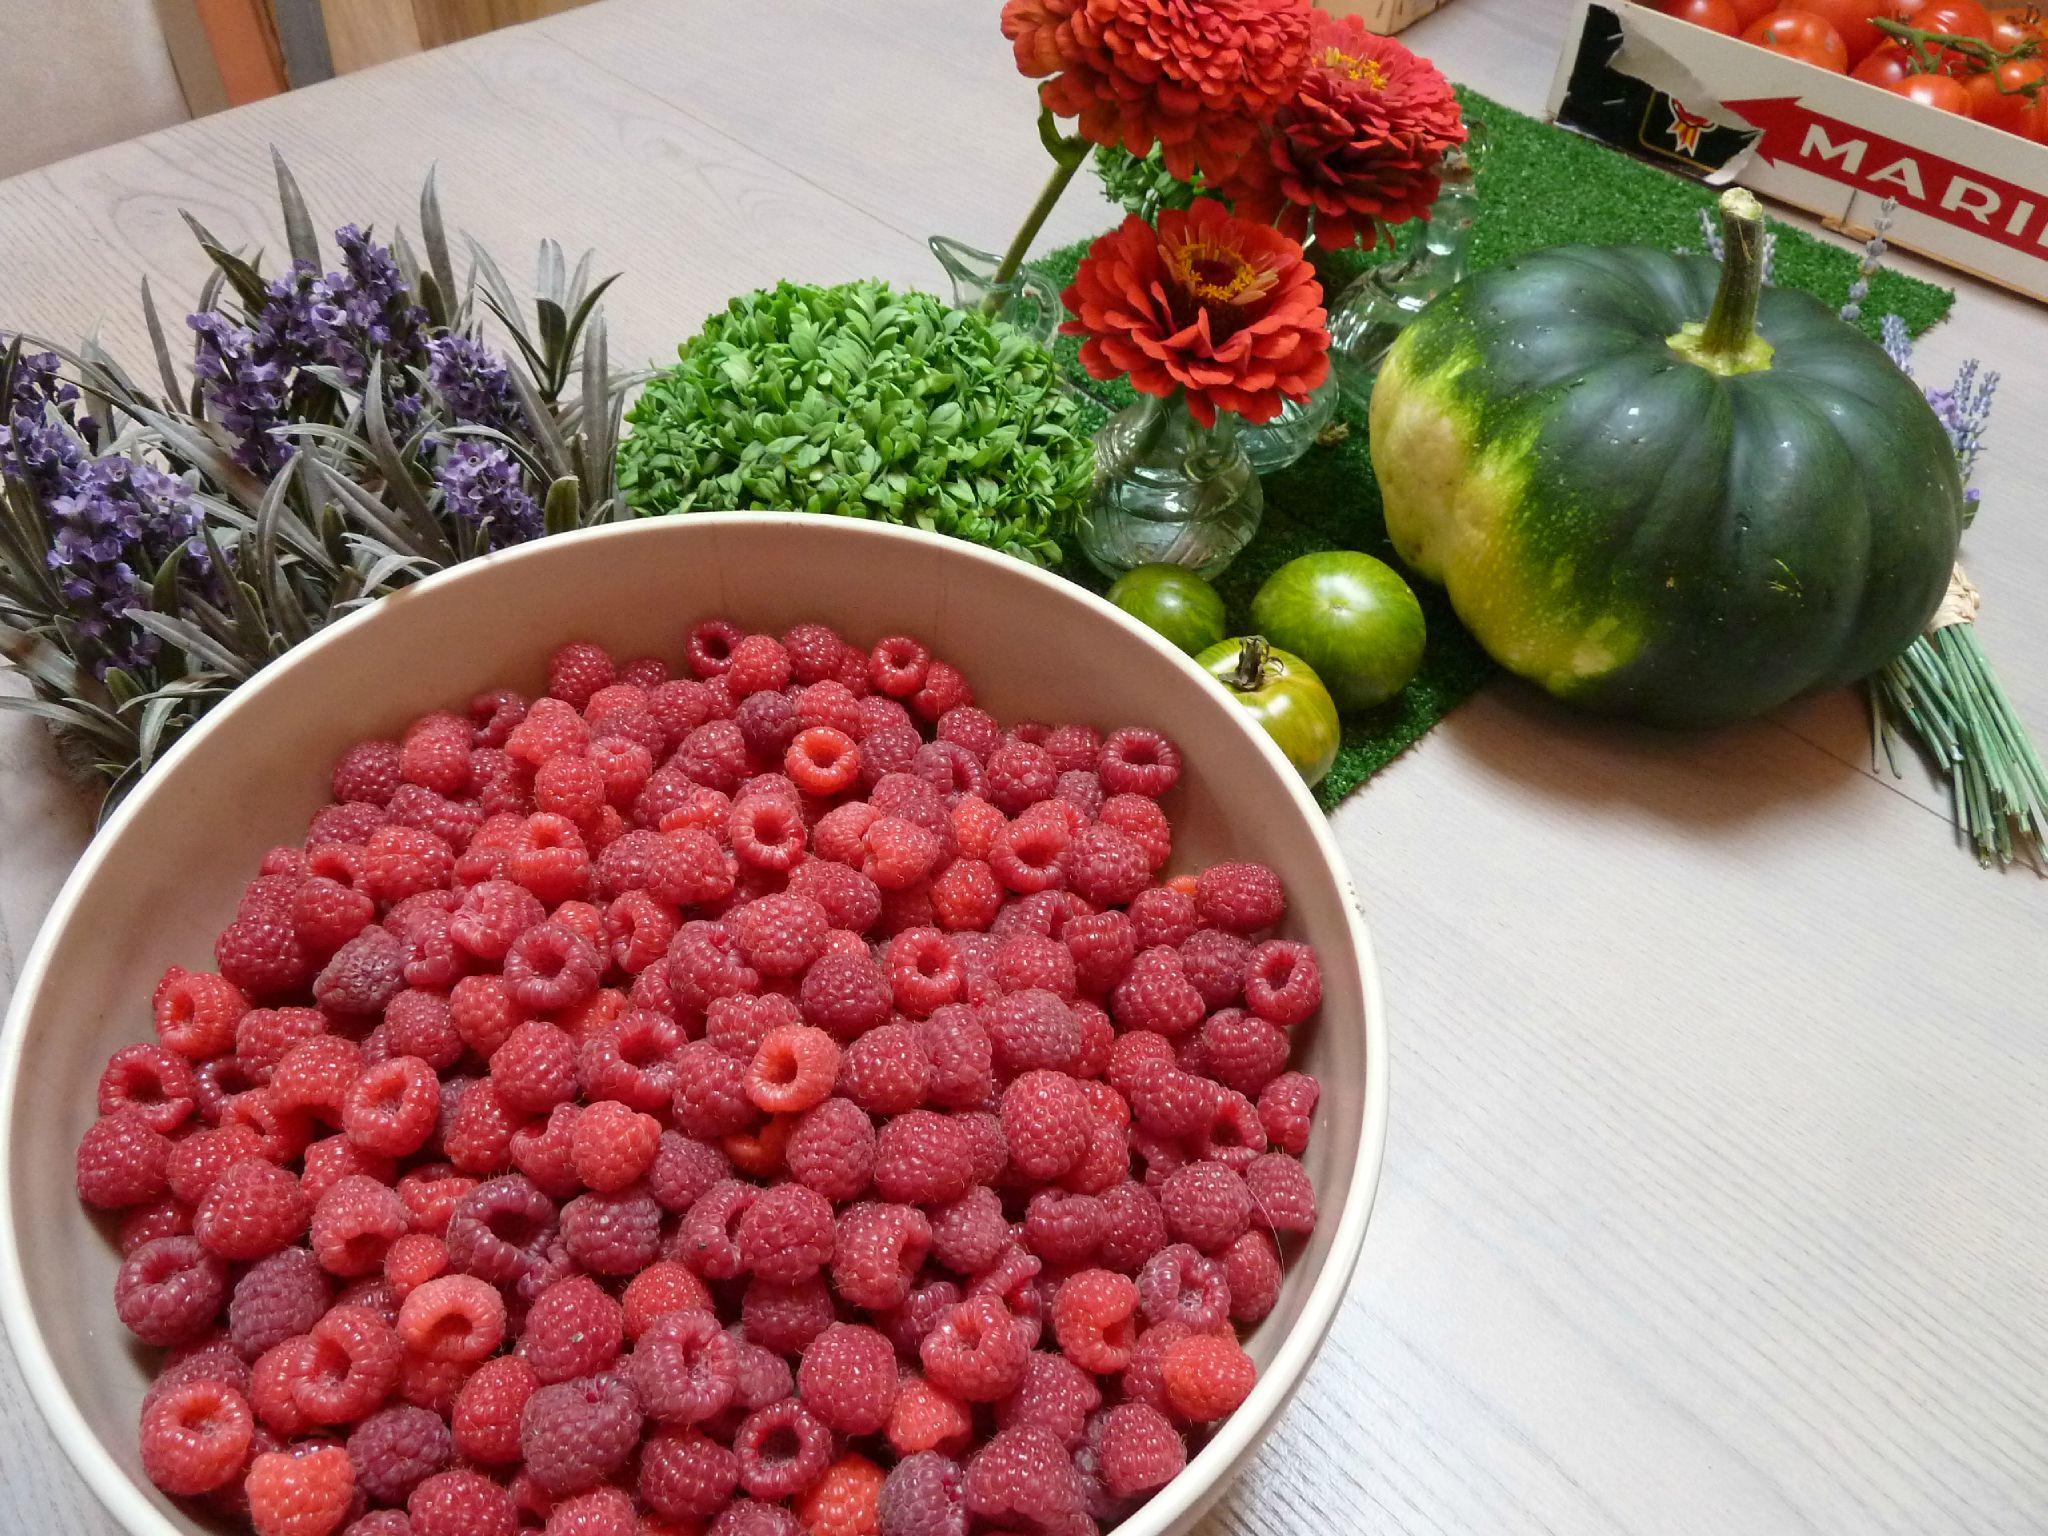 framboises de mon potager - www.passionpotager.canalblog.com